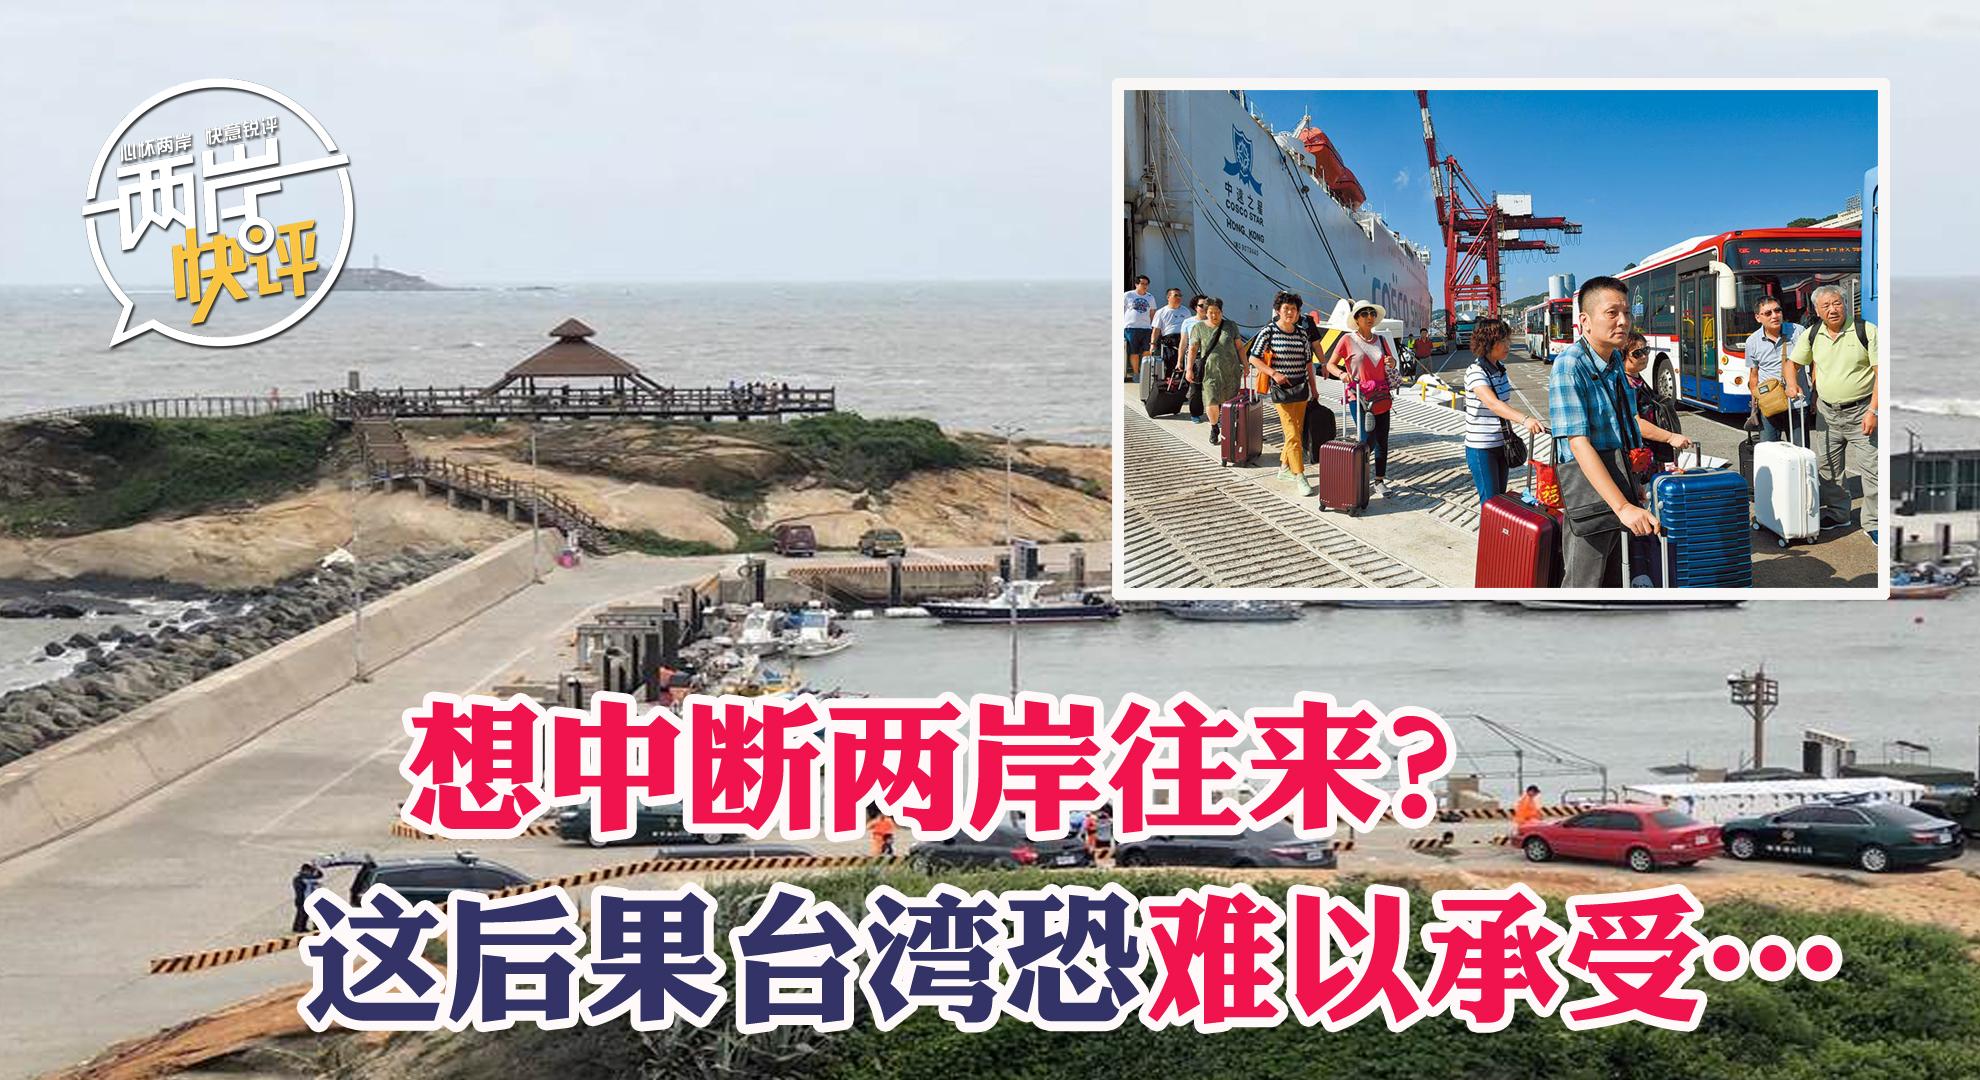 蔡英文当局想中断两岸往来?这后果台湾恐难以承受图片